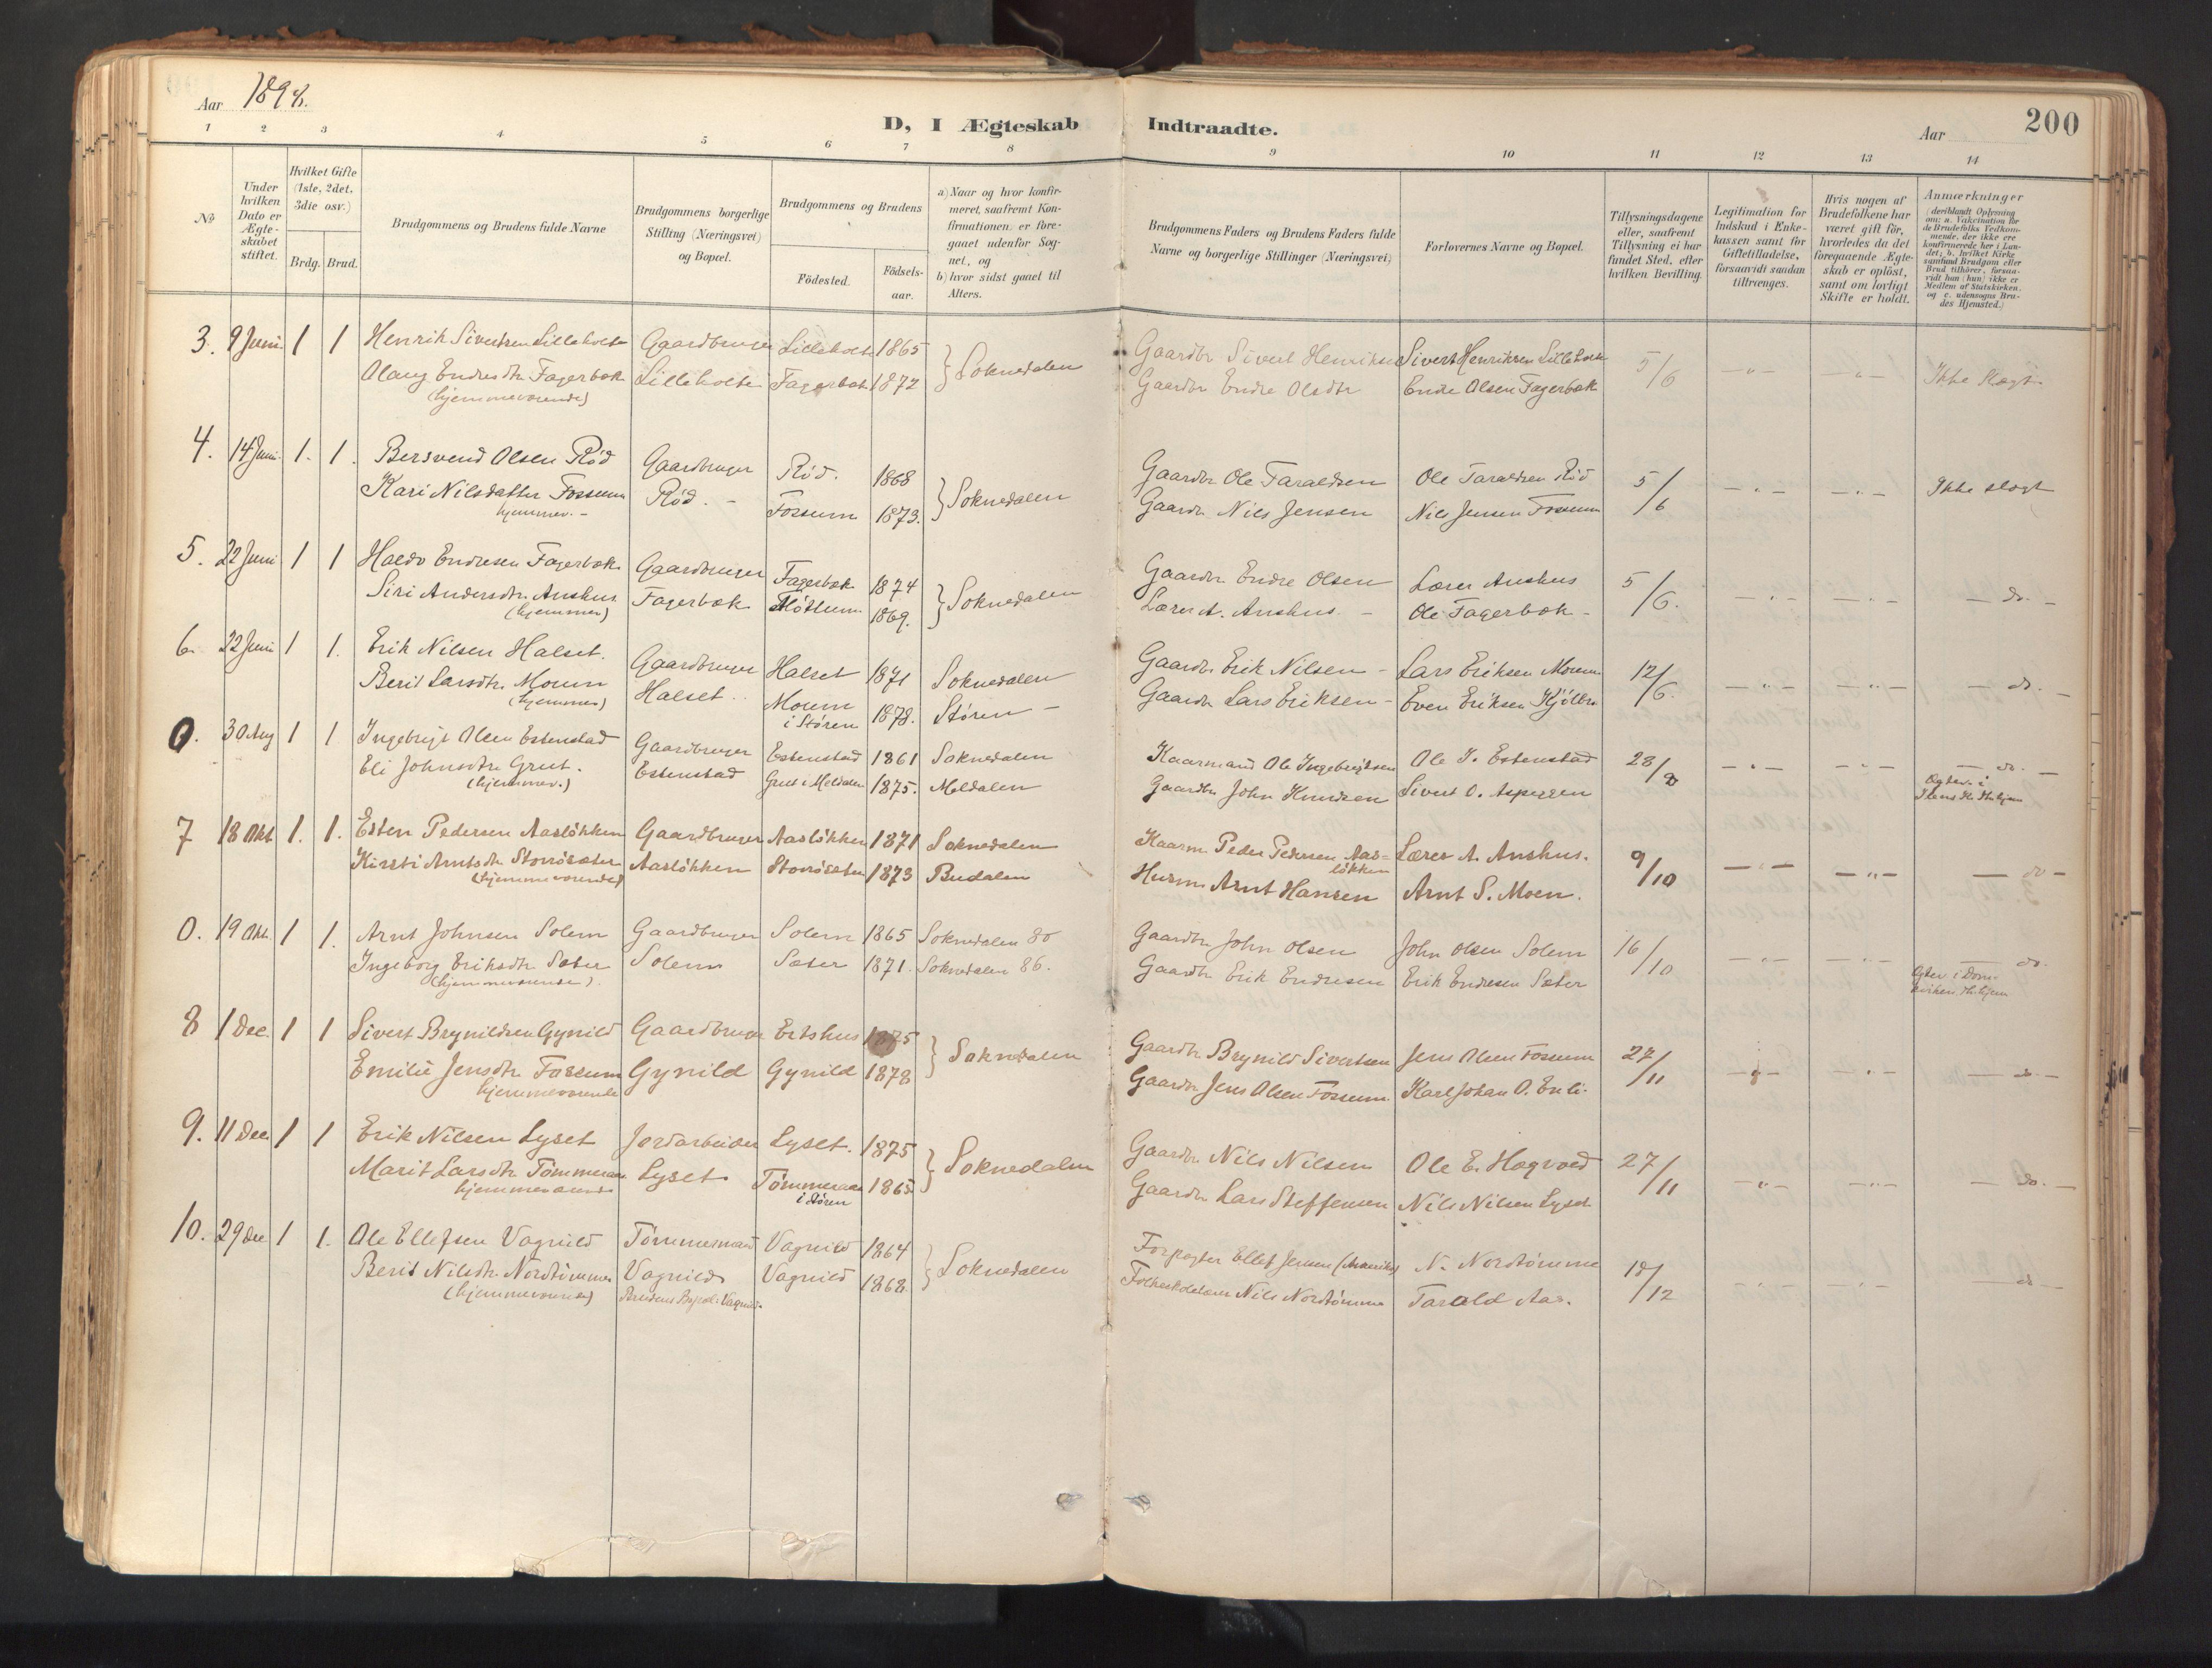 SAT, Ministerialprotokoller, klokkerbøker og fødselsregistre - Sør-Trøndelag, 689/L1041: Ministerialbok nr. 689A06, 1891-1923, s. 200